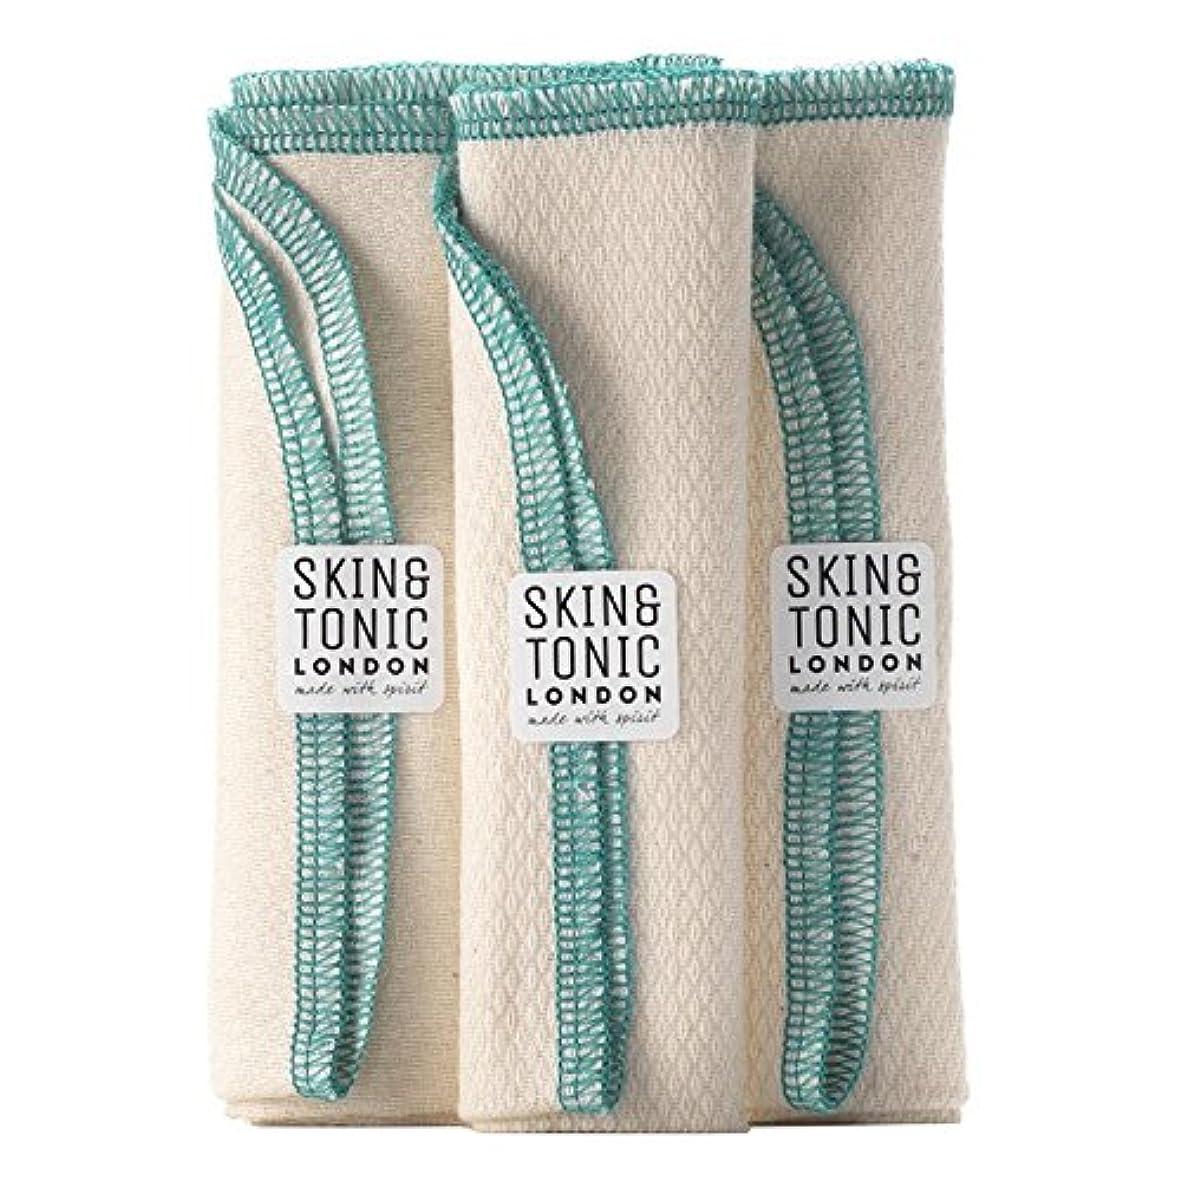 を除く追加するペルセウススキン&トニックロンドンオーガニックコットン生地 x2 - Skin & Tonic London Organic Cotton Cloth (Pack of 2) [並行輸入品]